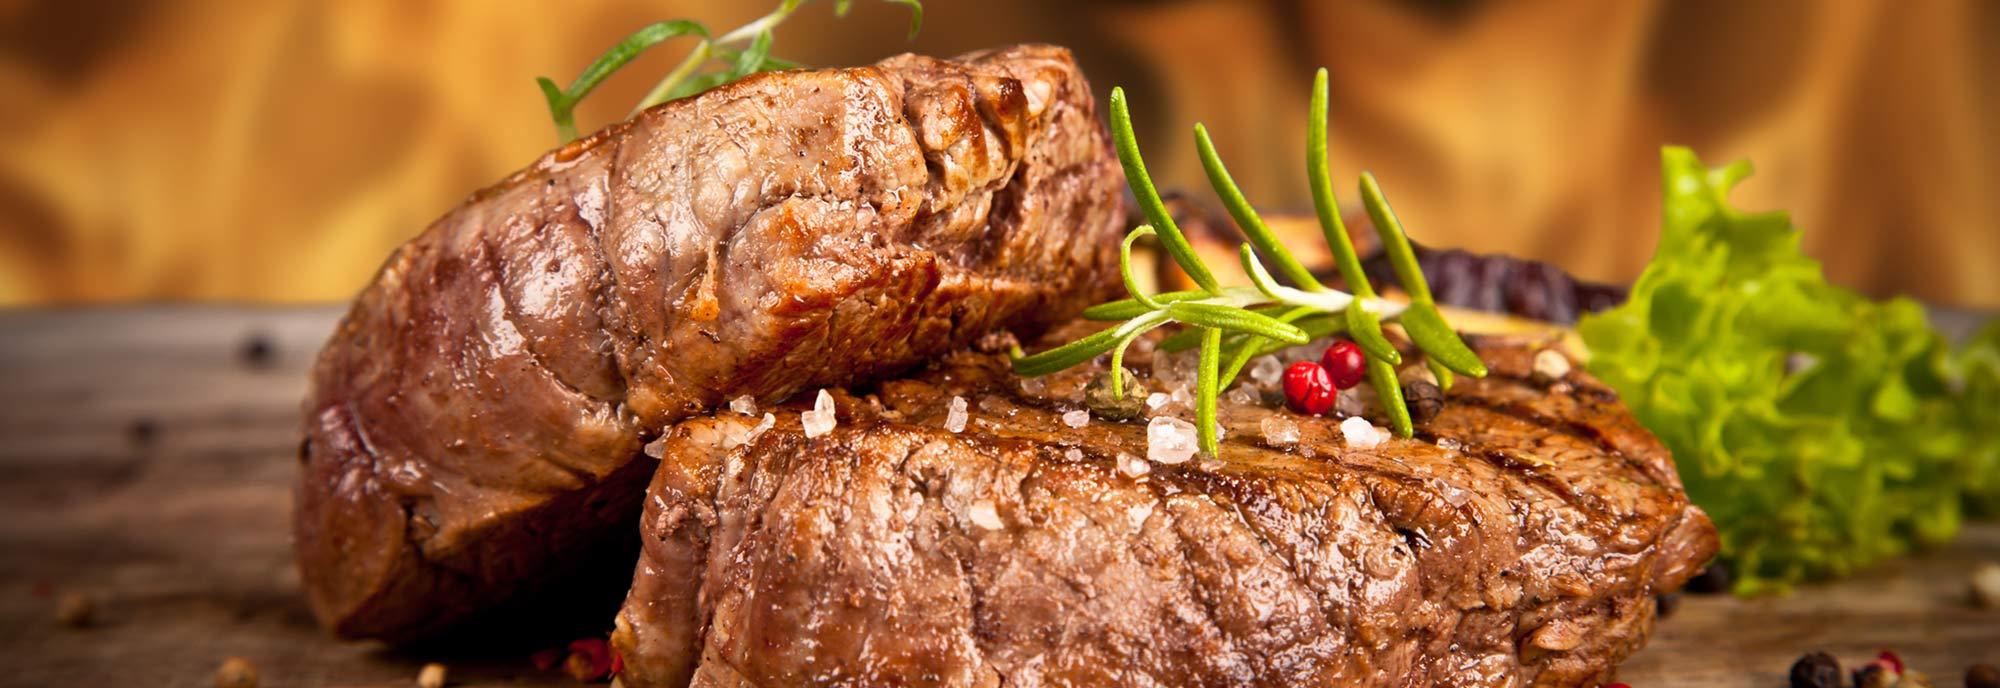 Fleisch Gerichte